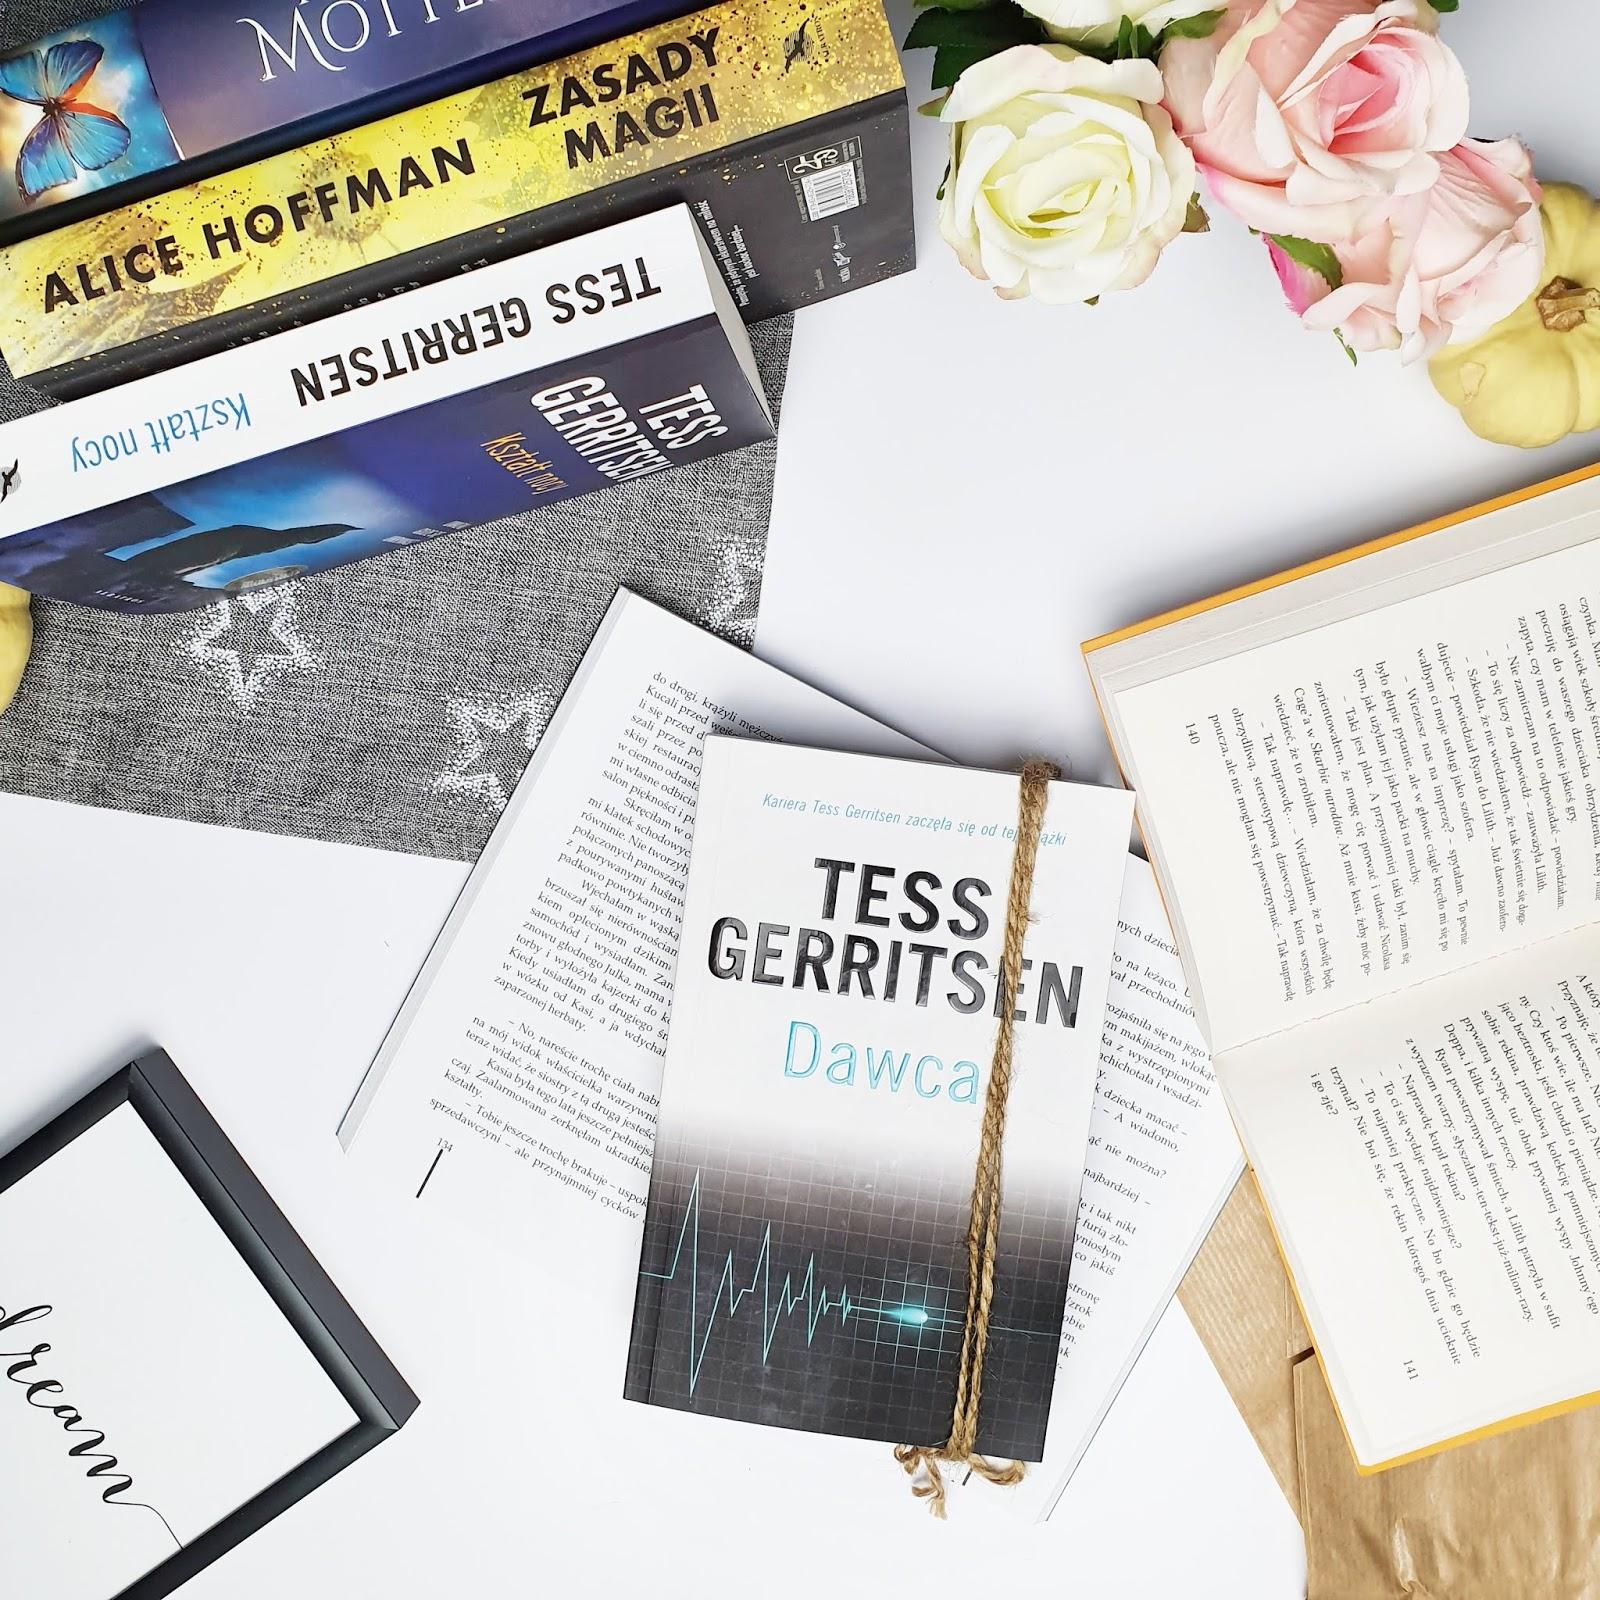 """Tess Gerritsen i """"Dawca"""" - jak myślisz kto okazał się dawcą w tej książce?"""